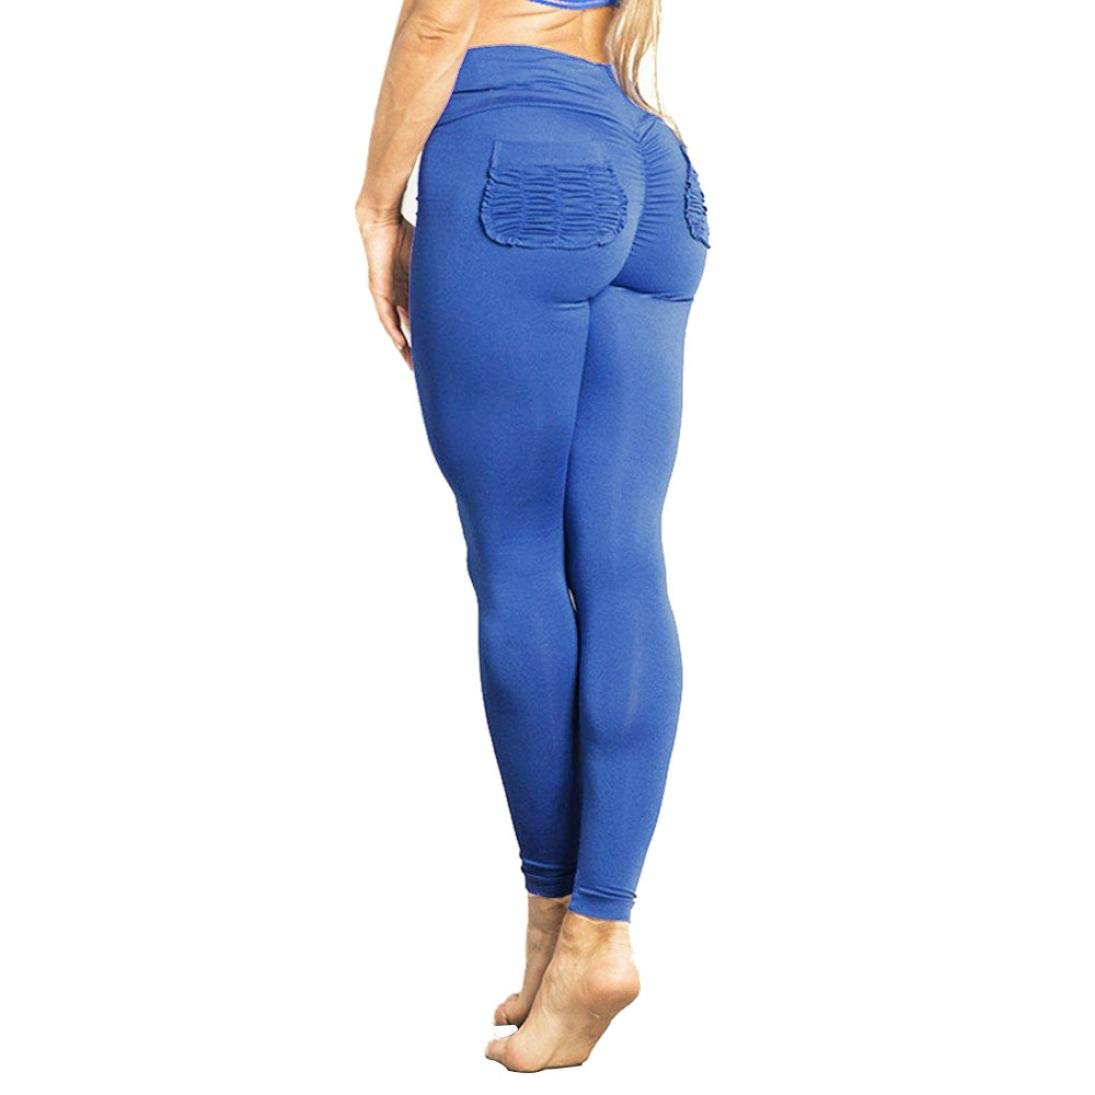 Pantalon de yoga pantalons de survêtement pour Femmes, Toamen Taille haute Pantalon de sport extensible Gym Pantalon Couleur pure Aptitude poche Mode (M, Bleu)